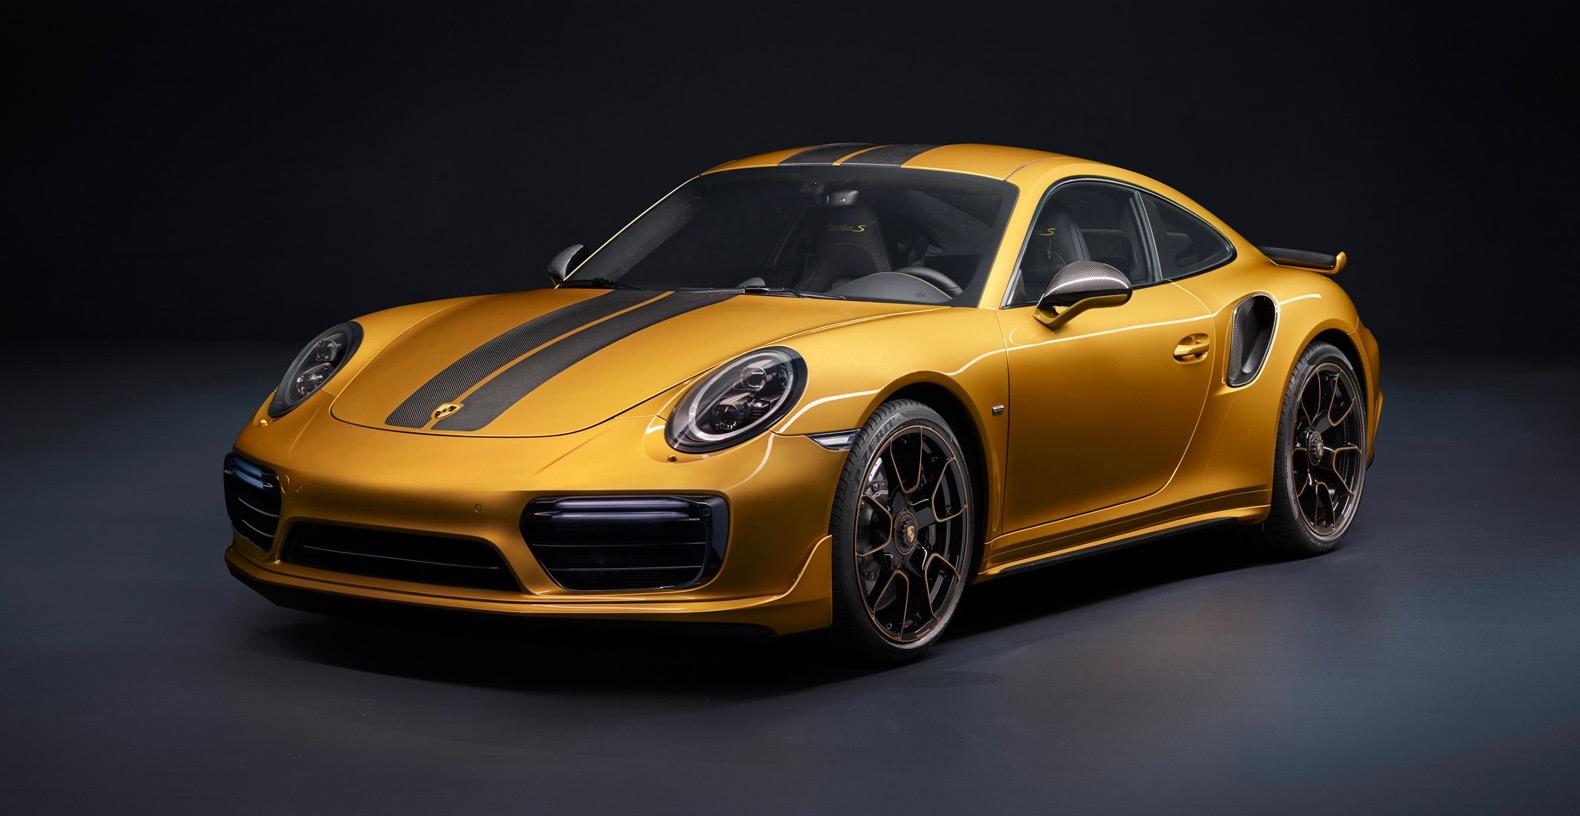 Специалисты  протестировали Порш  911 Turbo SExclusive с607-сильным двигателем